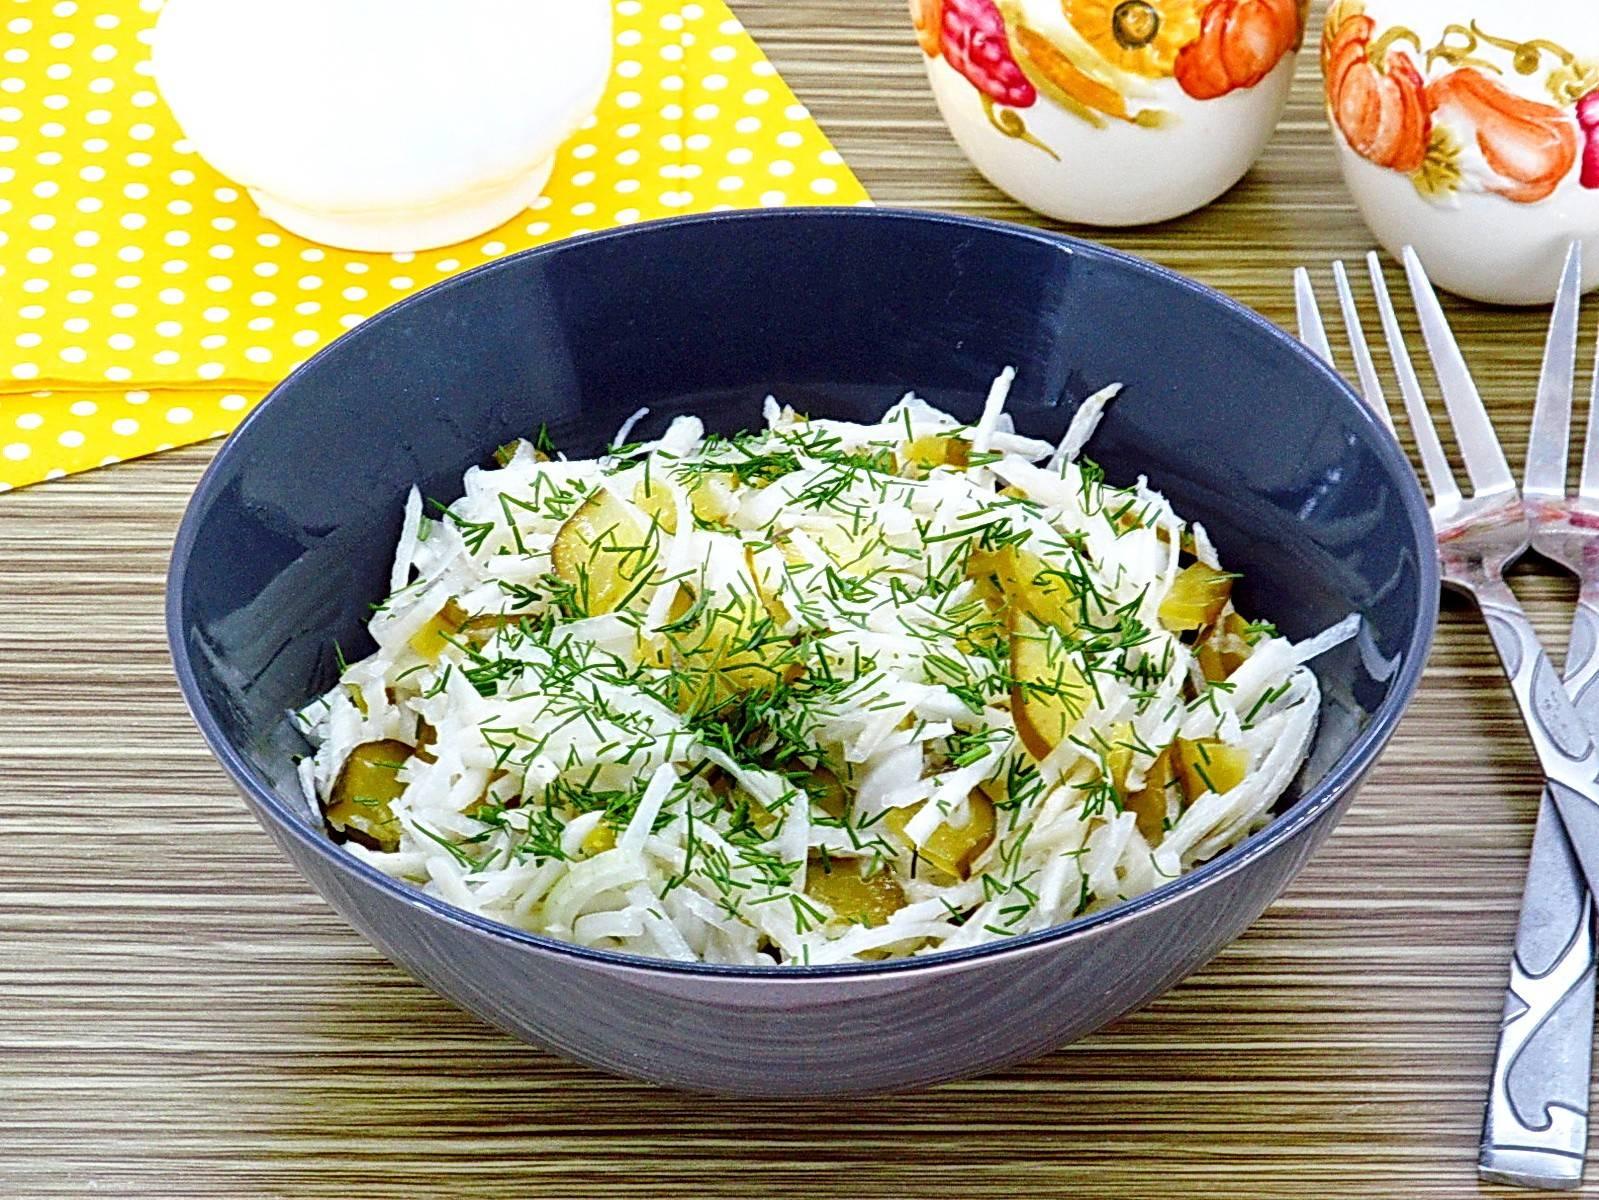 Салат с картофелем и свежим огурцом - 6 пошаговых фото в рецепте